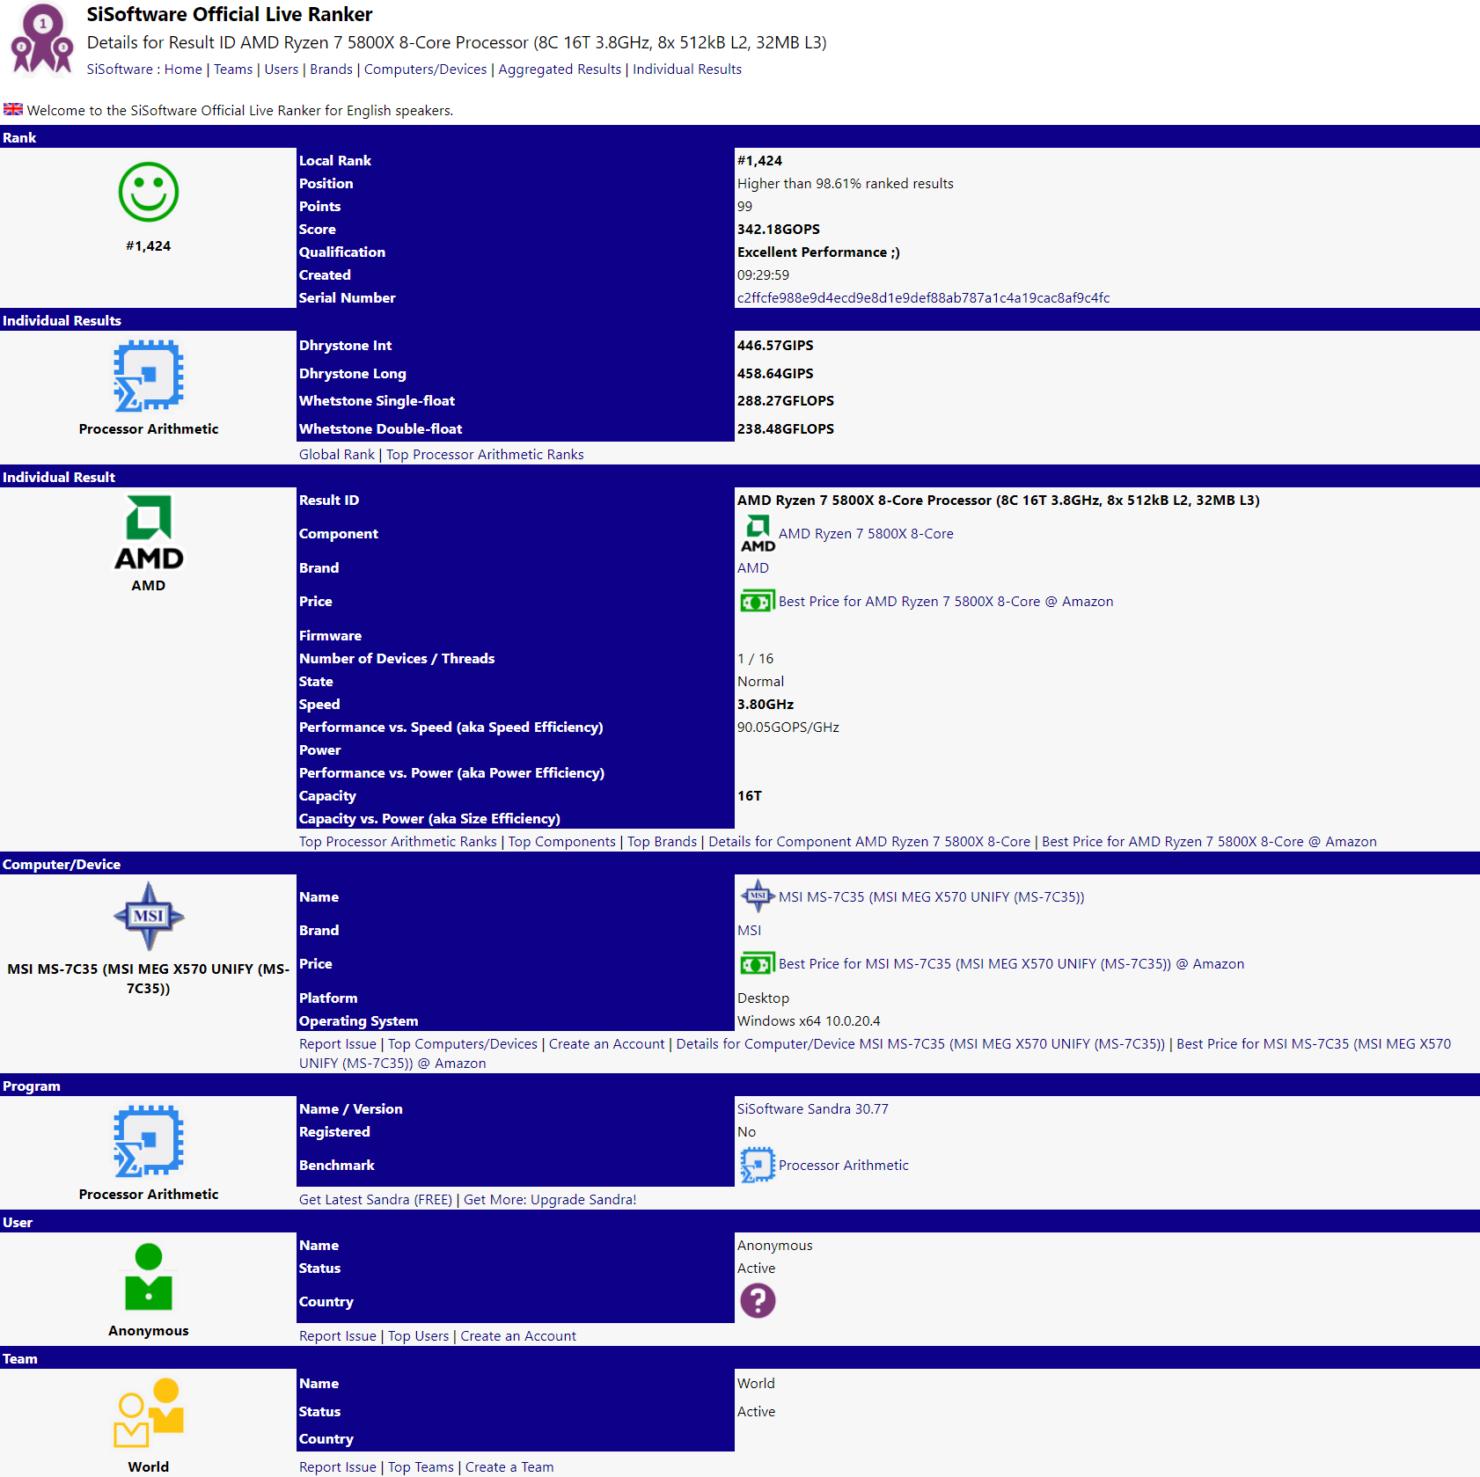 amd-ryzen-7-5800x-benchmark-leak